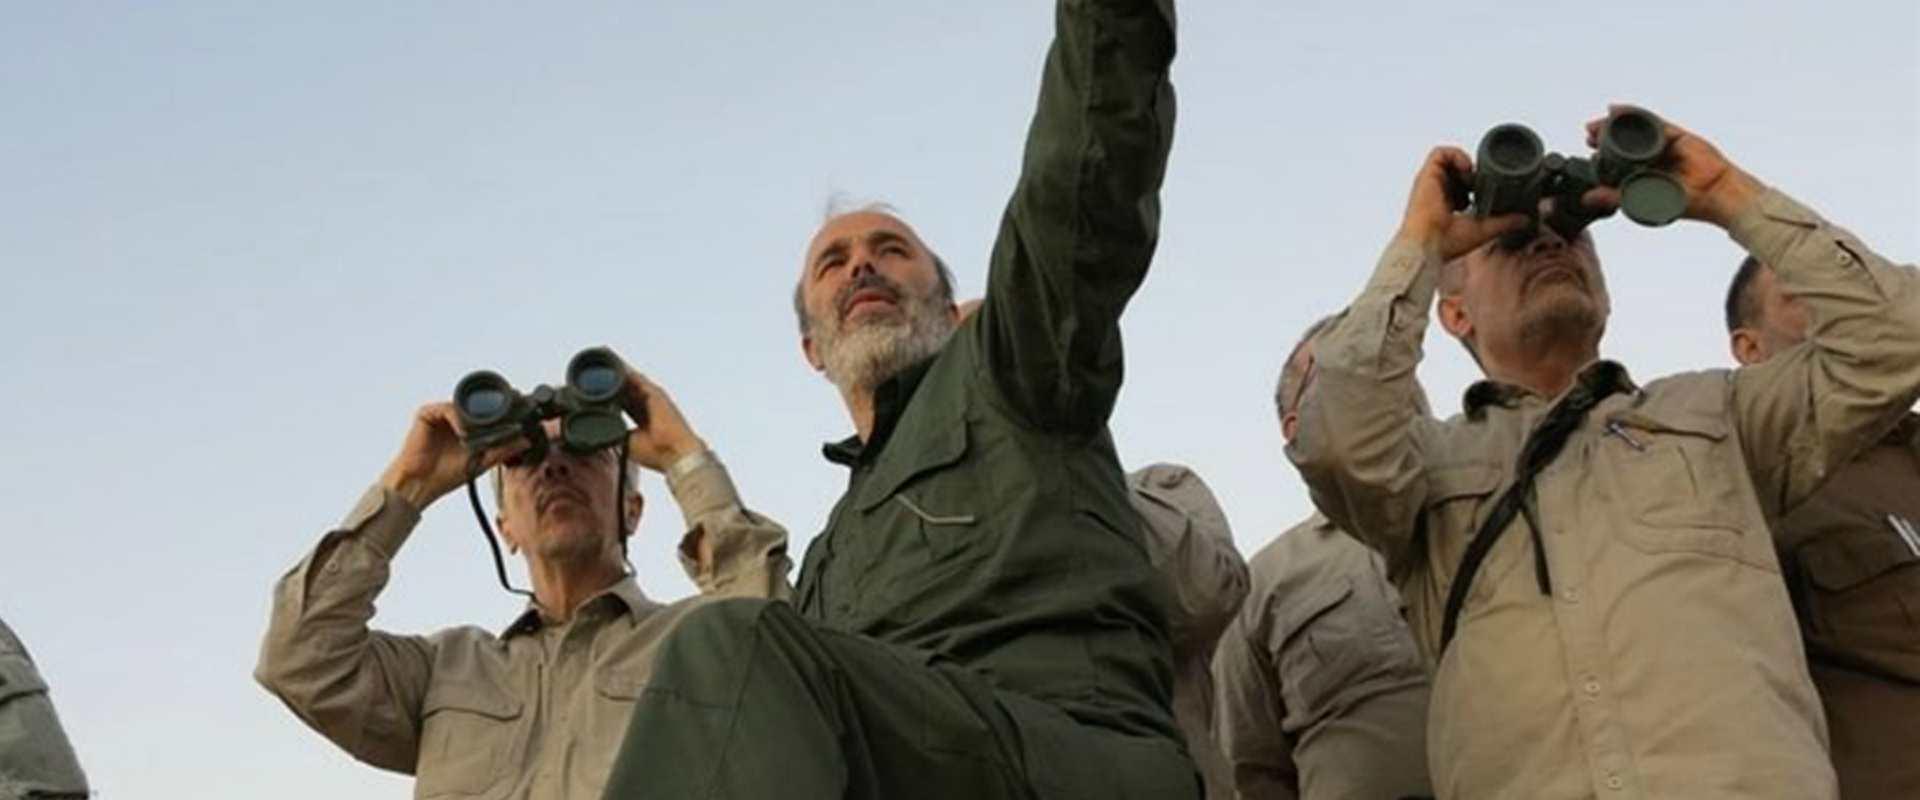 מפקד הכוחות המזויינים של איראן בביקור בסוריה